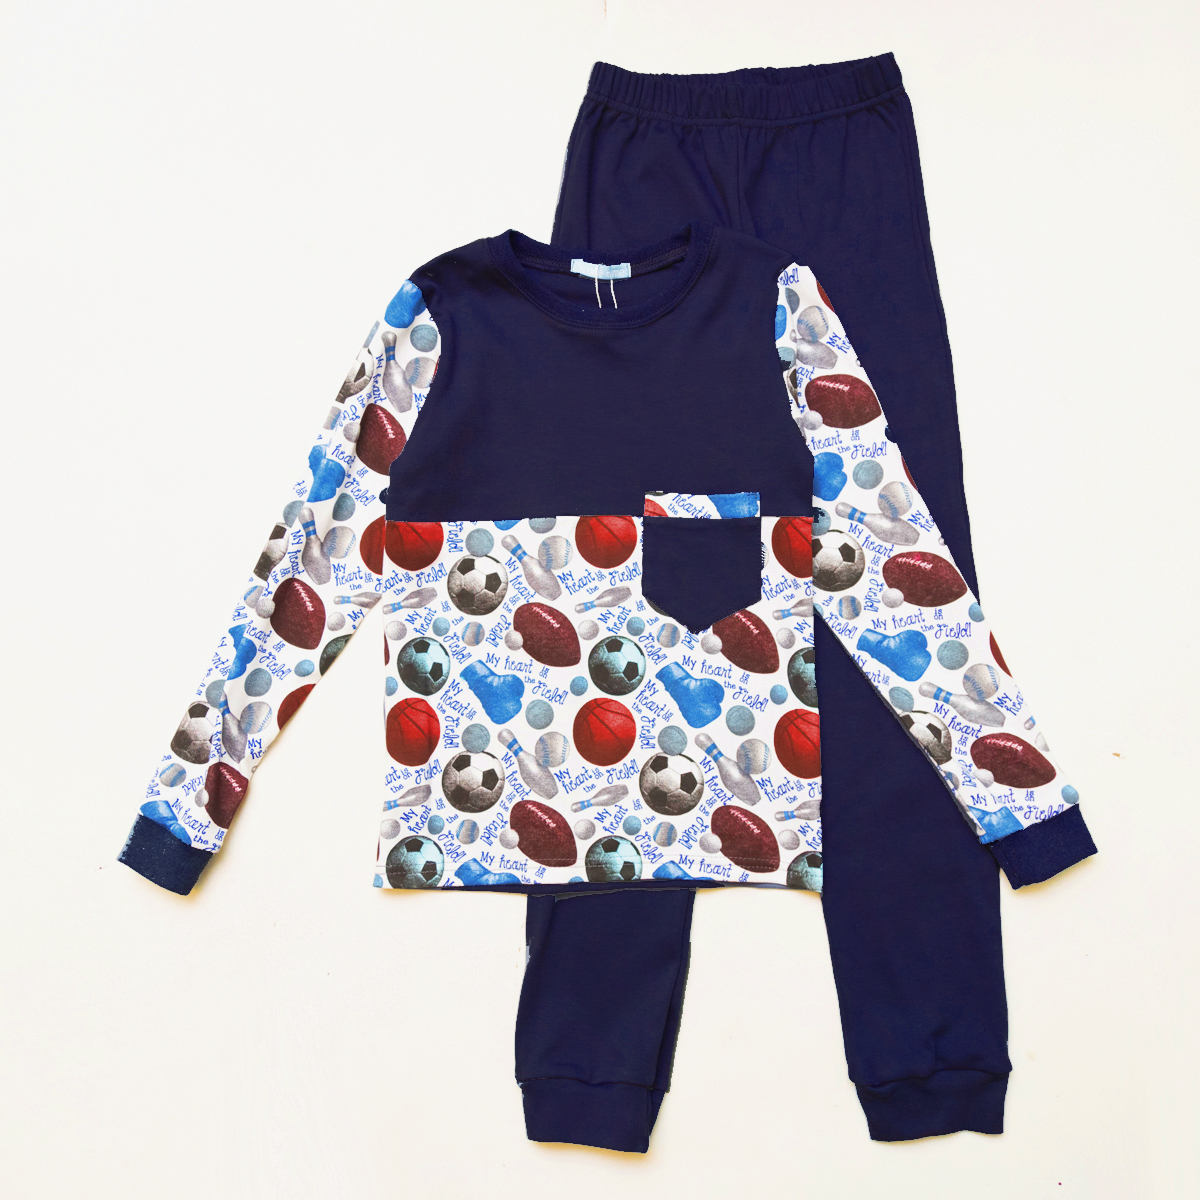 Піжама дитяча для хлопчика SmileTime Sport Time, темно-синя